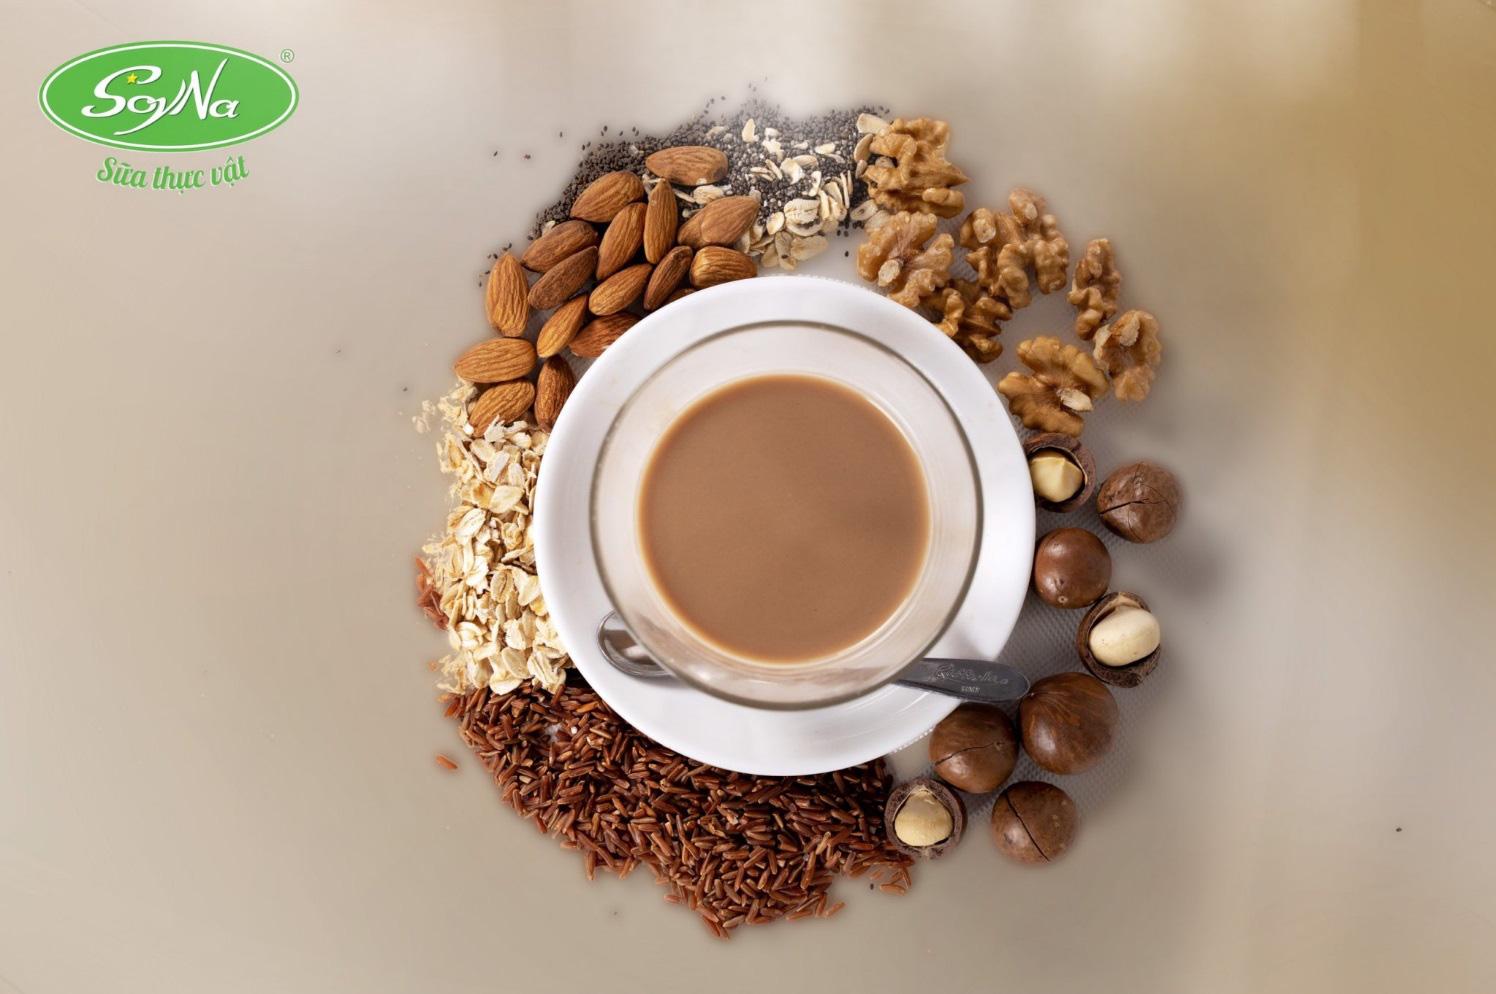 6 lợi ích tuyệt vời khi sử dụng sữa thực dưỡng chay - Ảnh 2.